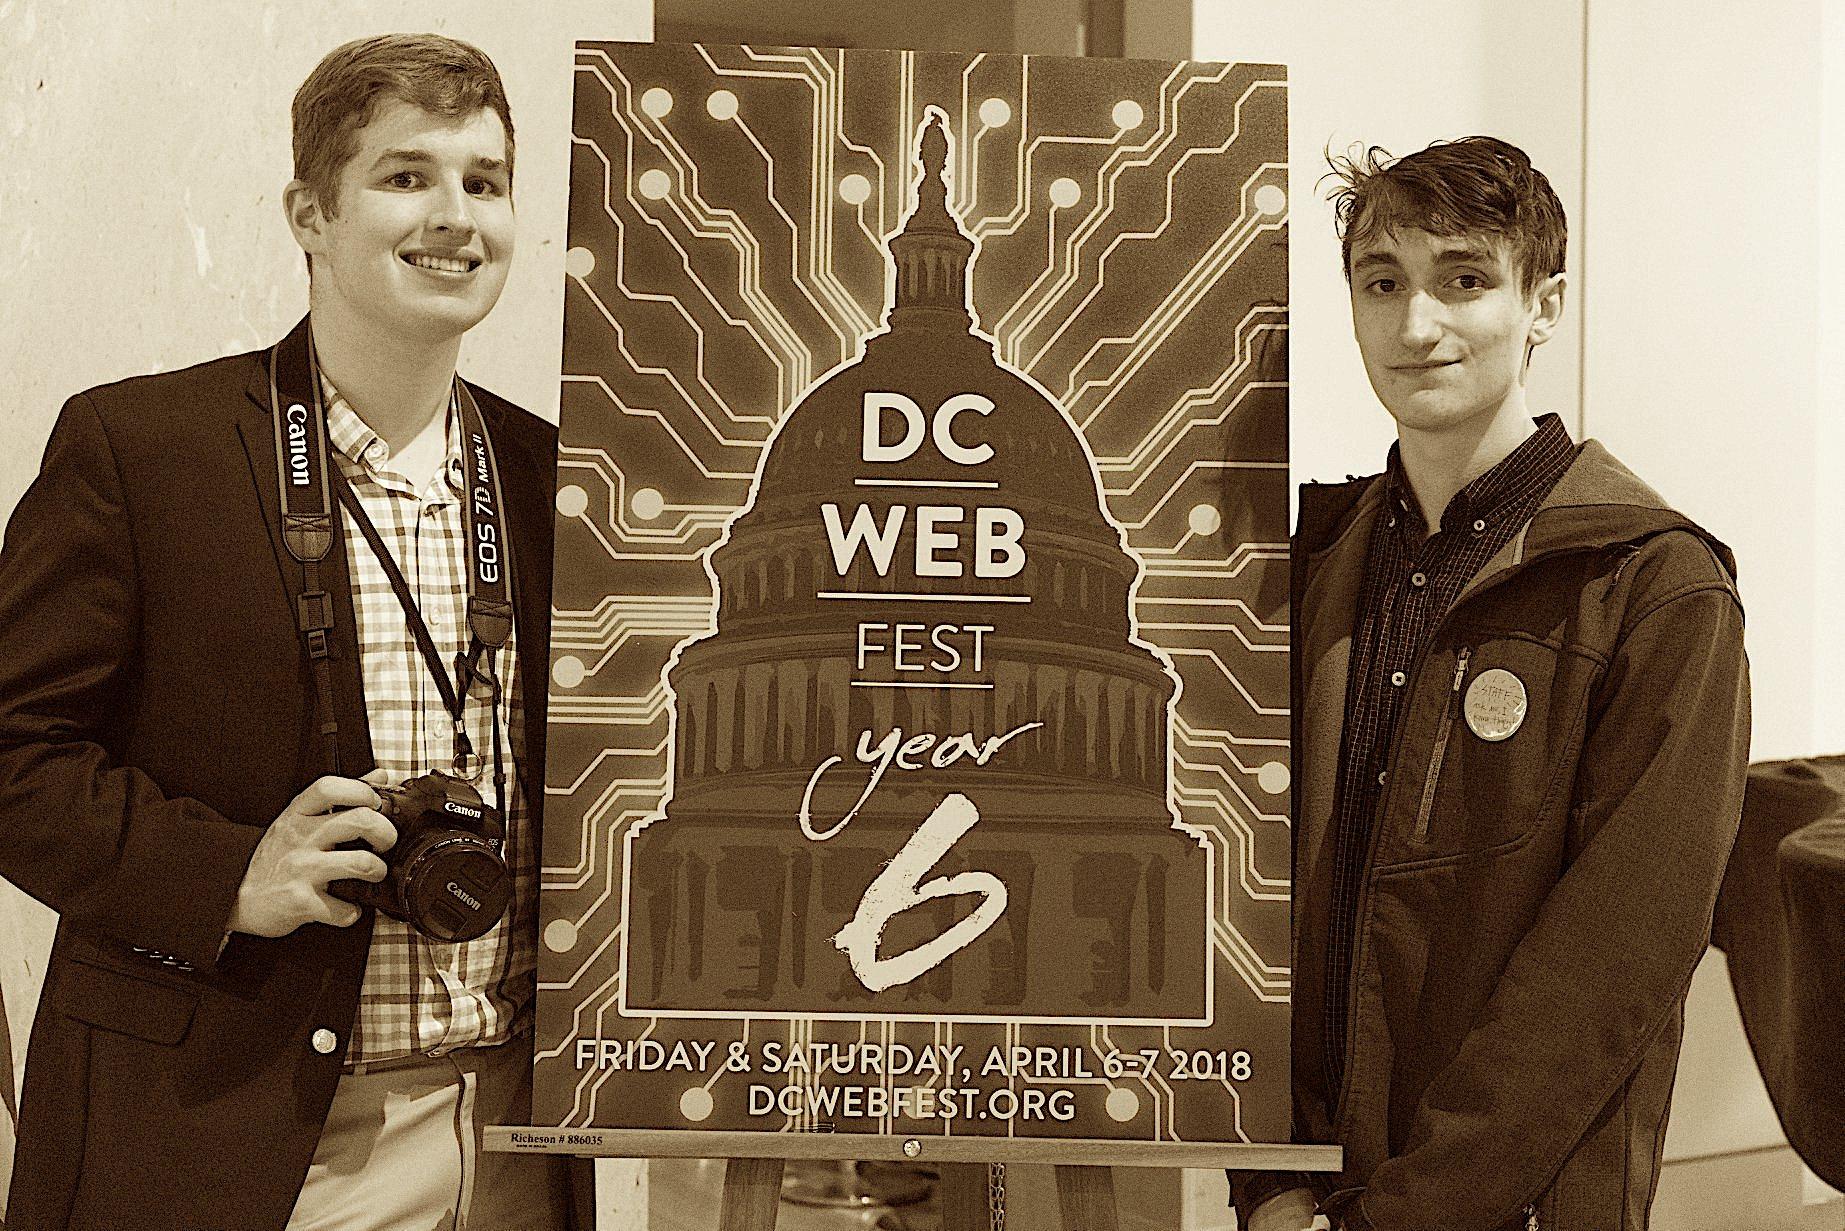 Cam Willams (left) & Romeo Carbarga (right) of the DC Web Fest Team.